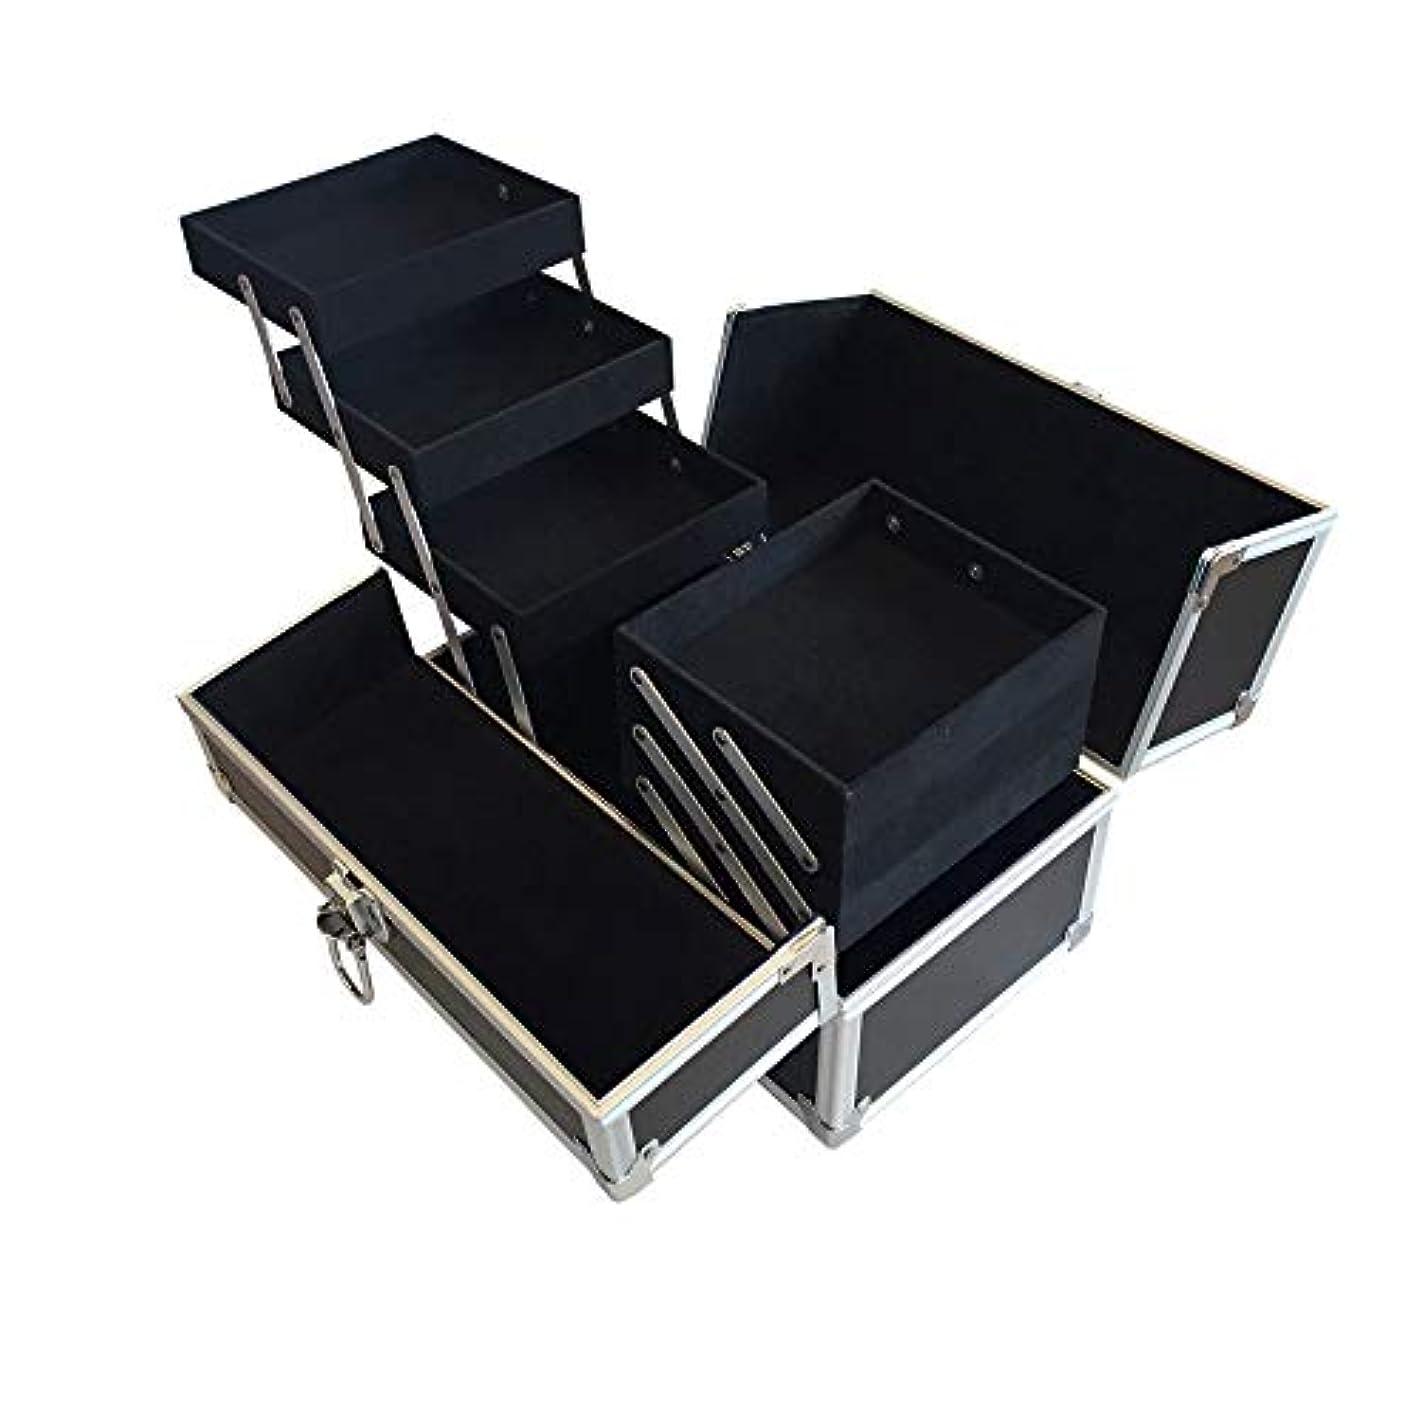 レンダーバッフルなだめるリライアブル コスメボックス RB001-BK 鍵付き プロ仕様 メイクボックス 大容量 化粧品収納 小物入れ 6段トレー ベロア メイクケース コスメBOX 持ち運び ネイルケース